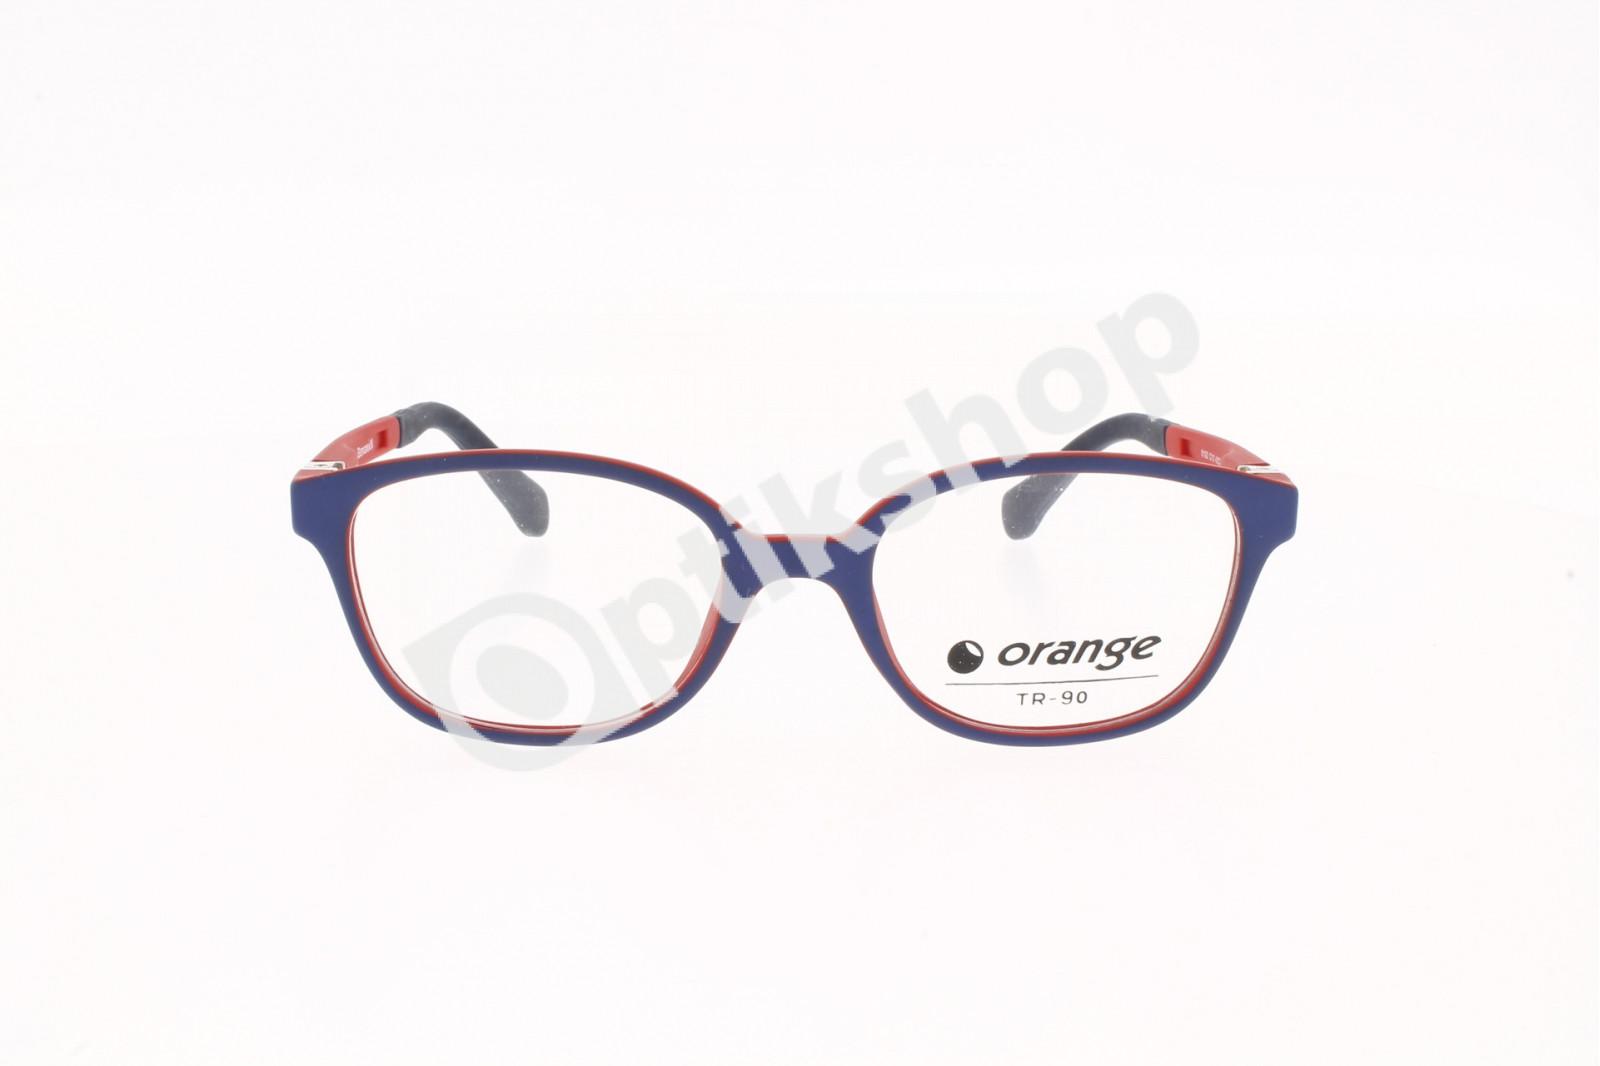 Orange by Bergman szemüveg · Orange by Bergman szemüveg ... a8450e648b